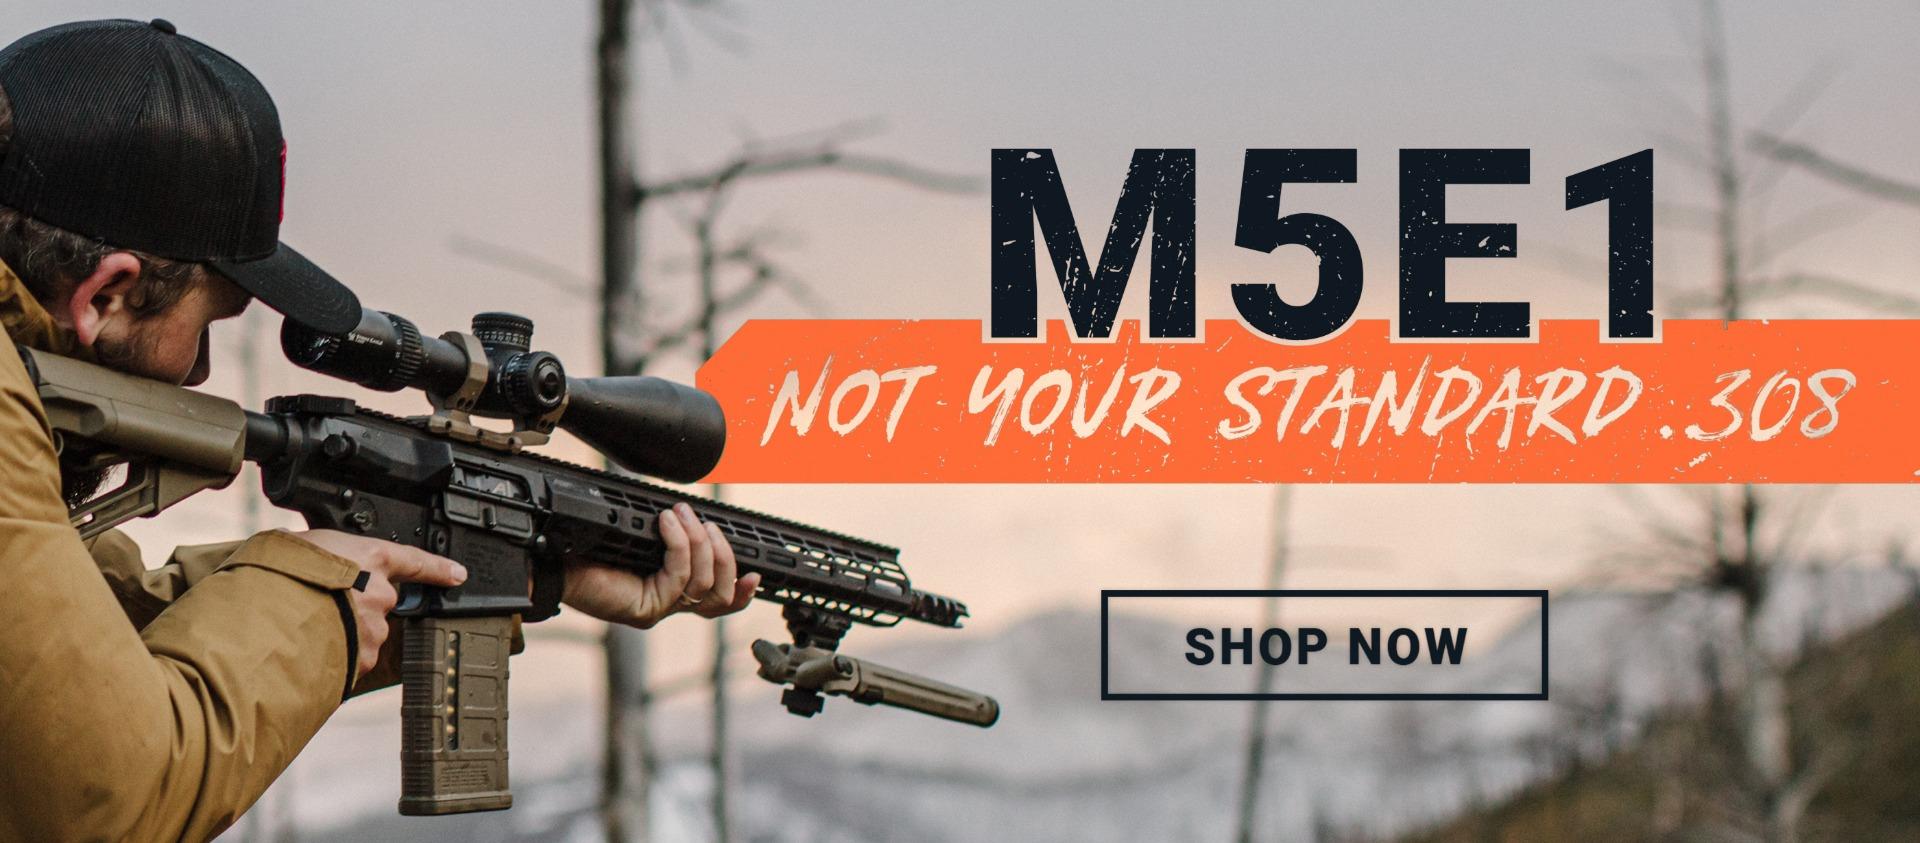 Shop M5E1 Products